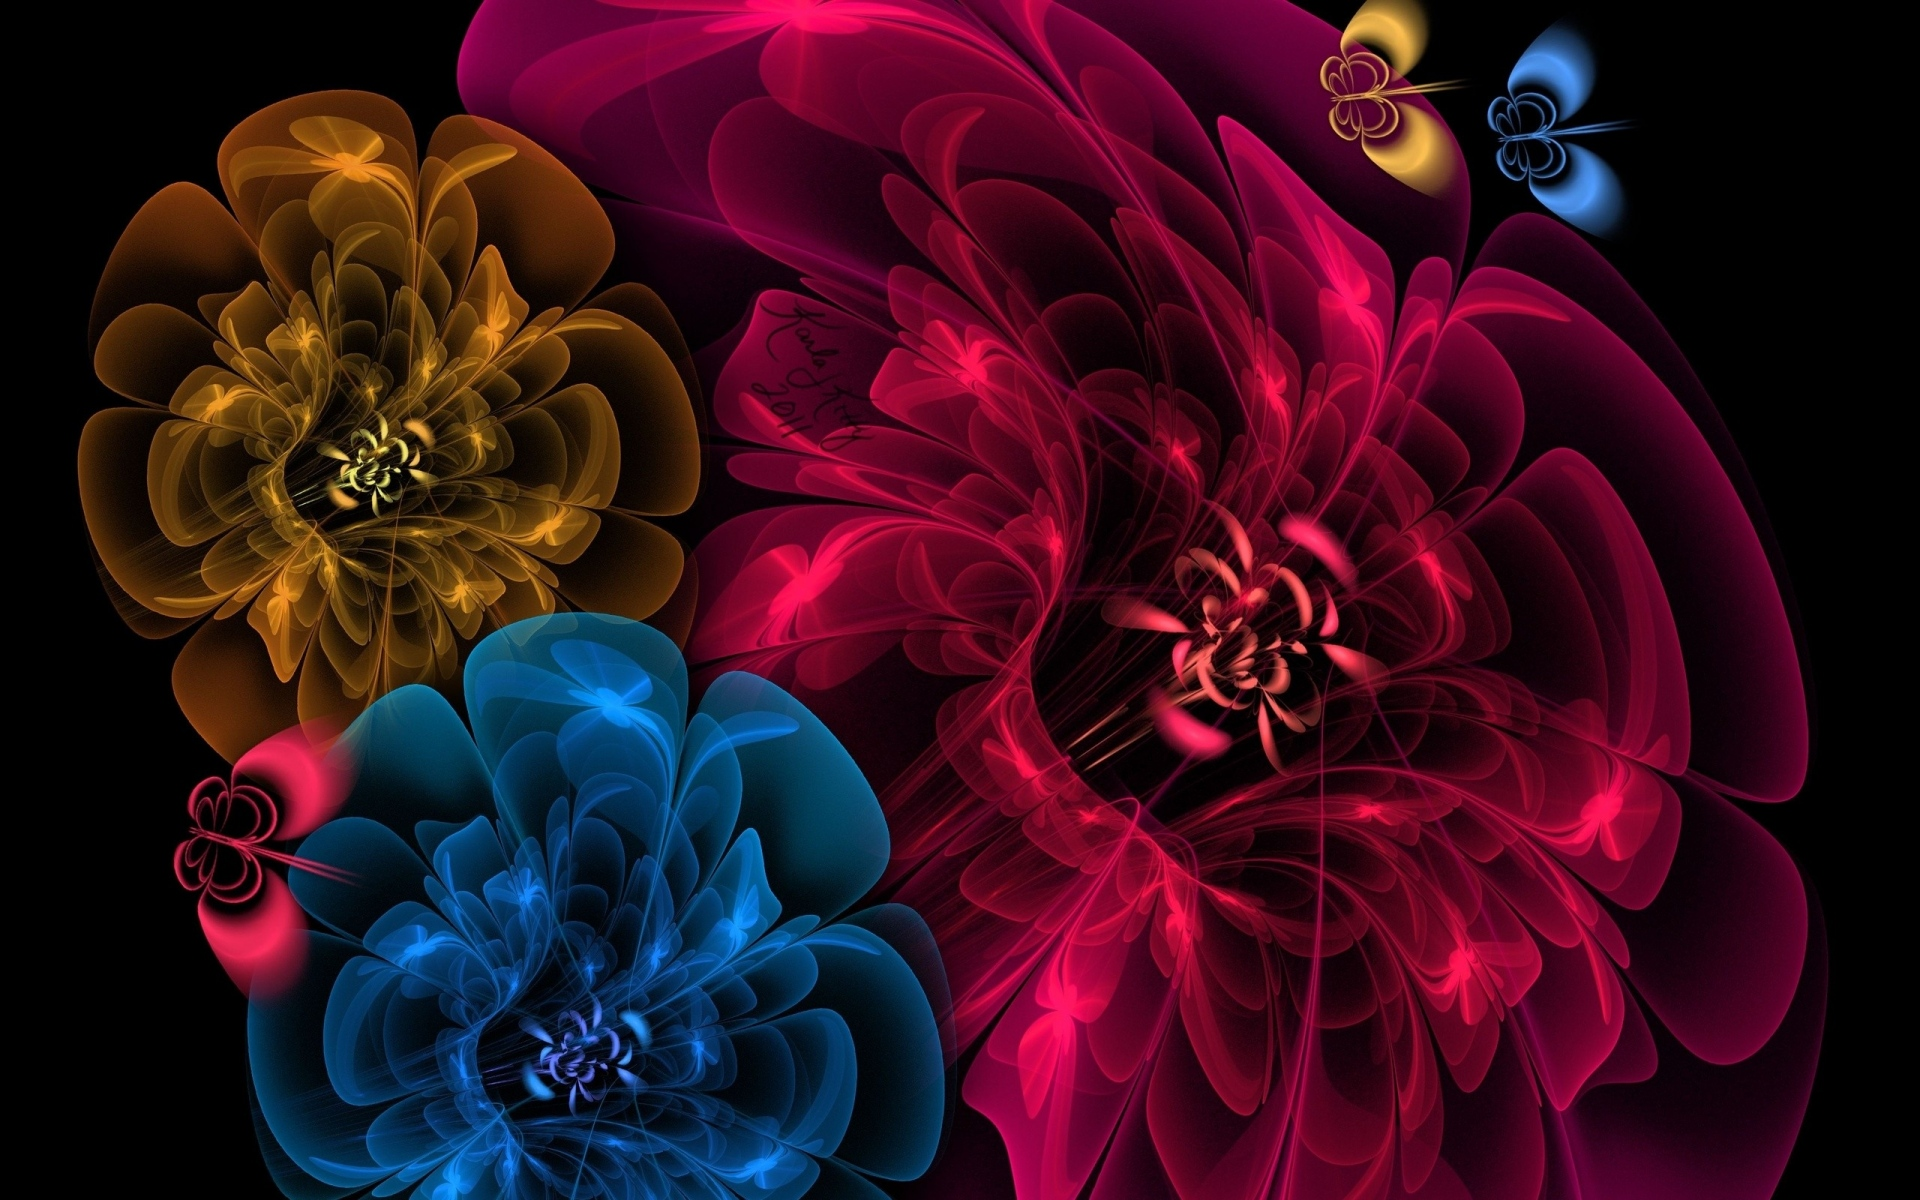 картинки на дисплей телефона цветы подошли рассмотрению поэтапного